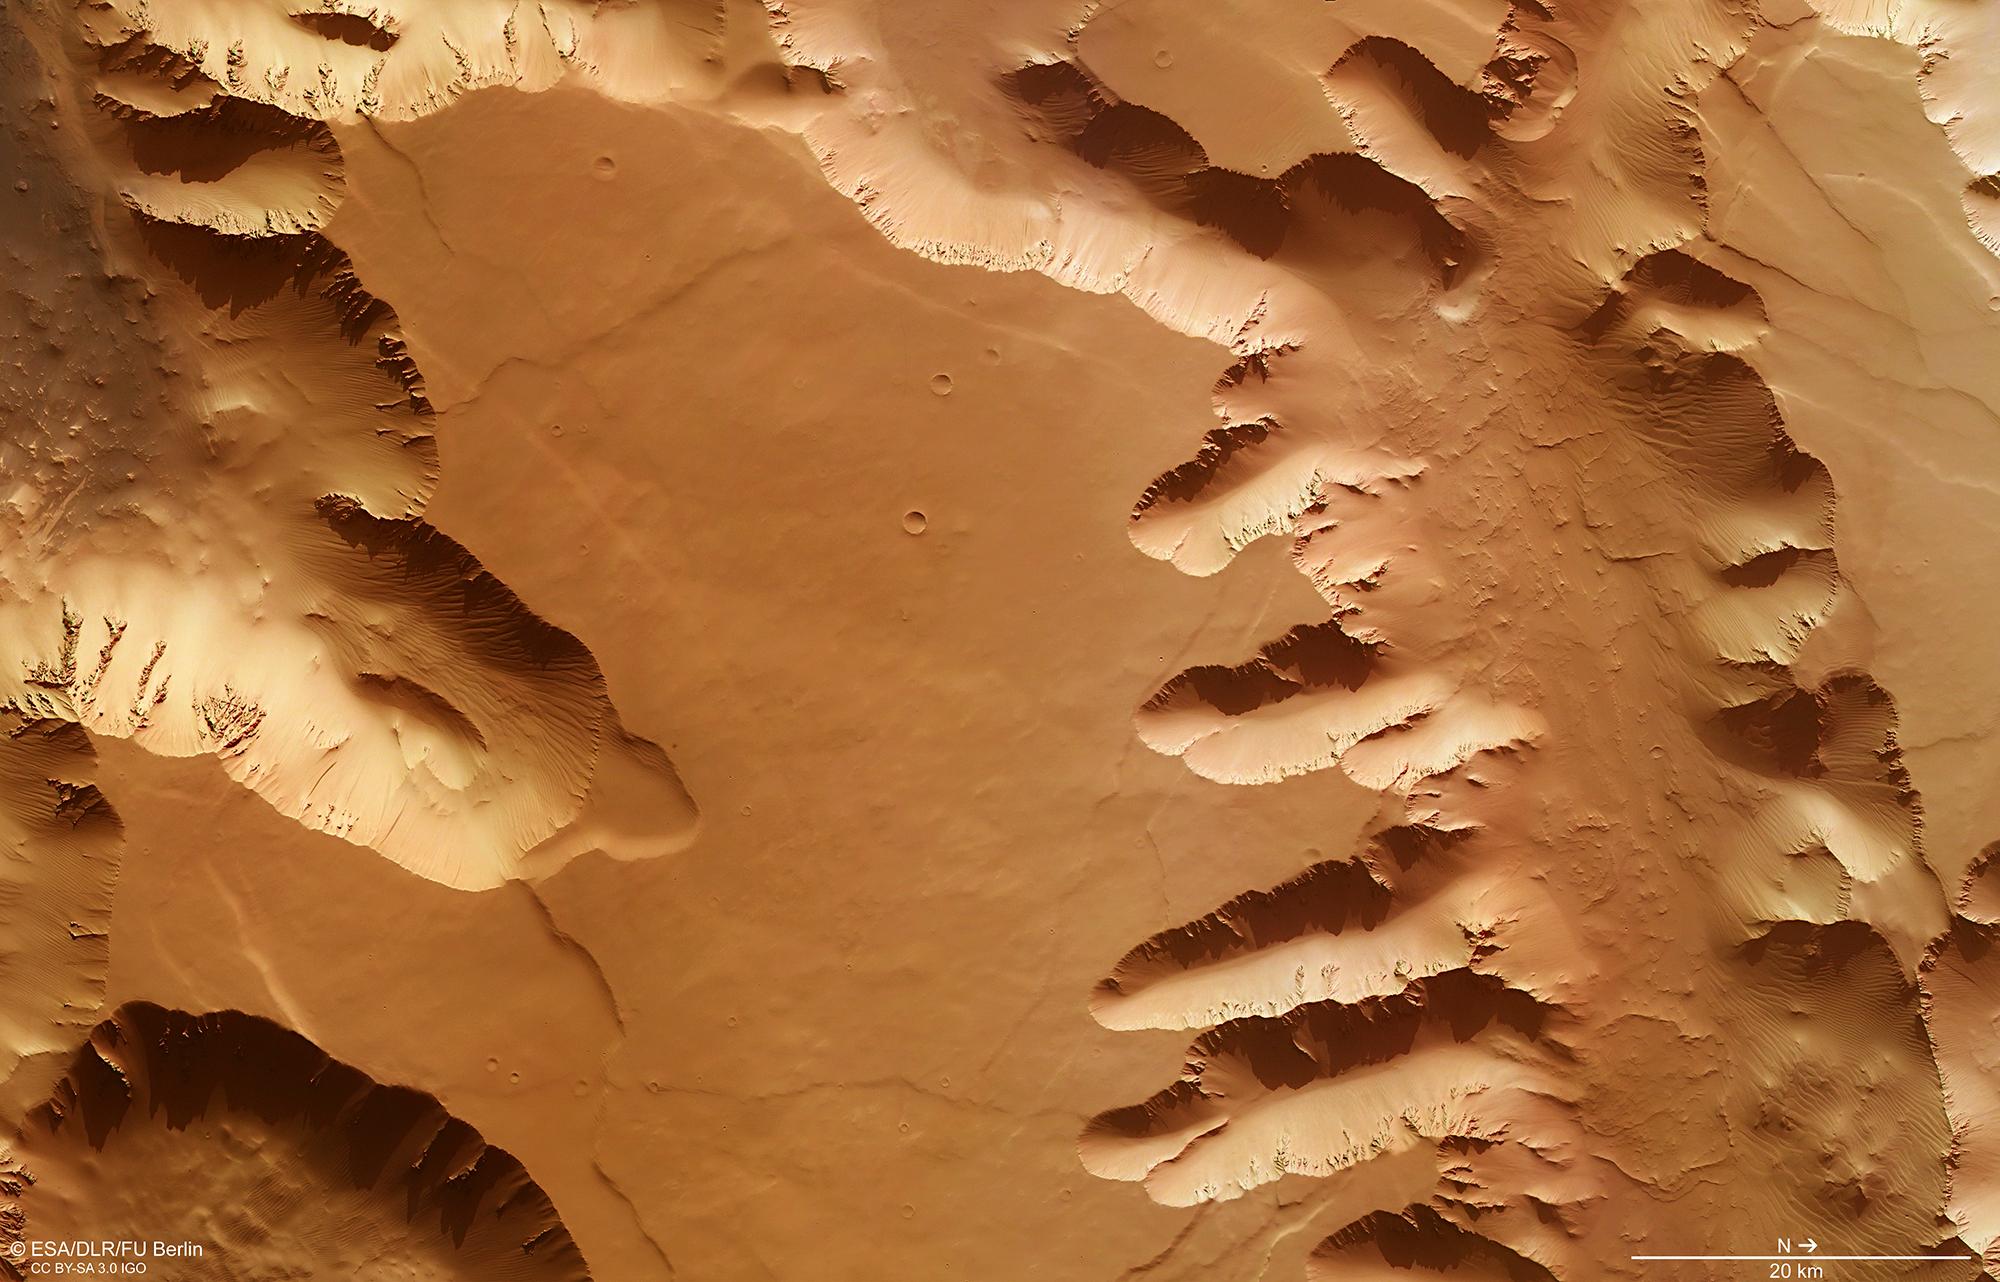 Noctis_Labyrinthus_plan_view